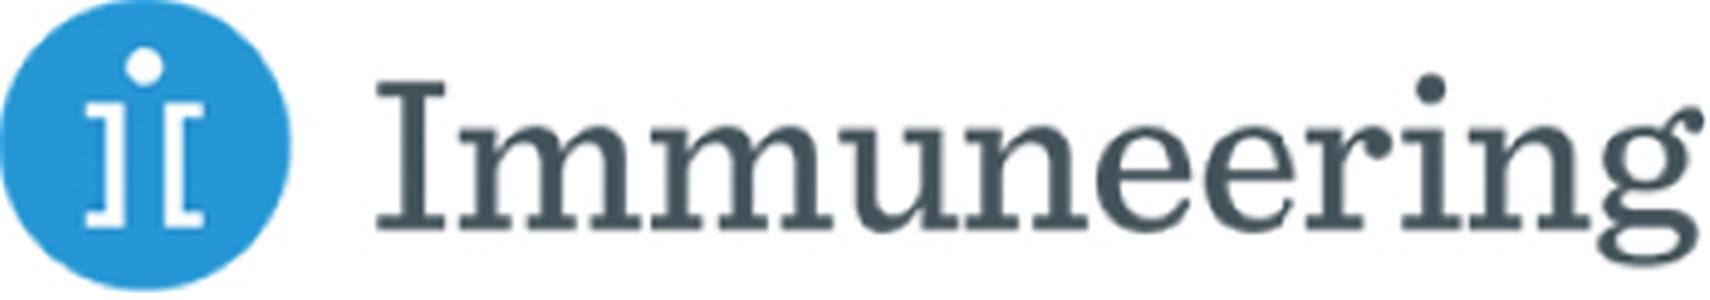 IMRX logo